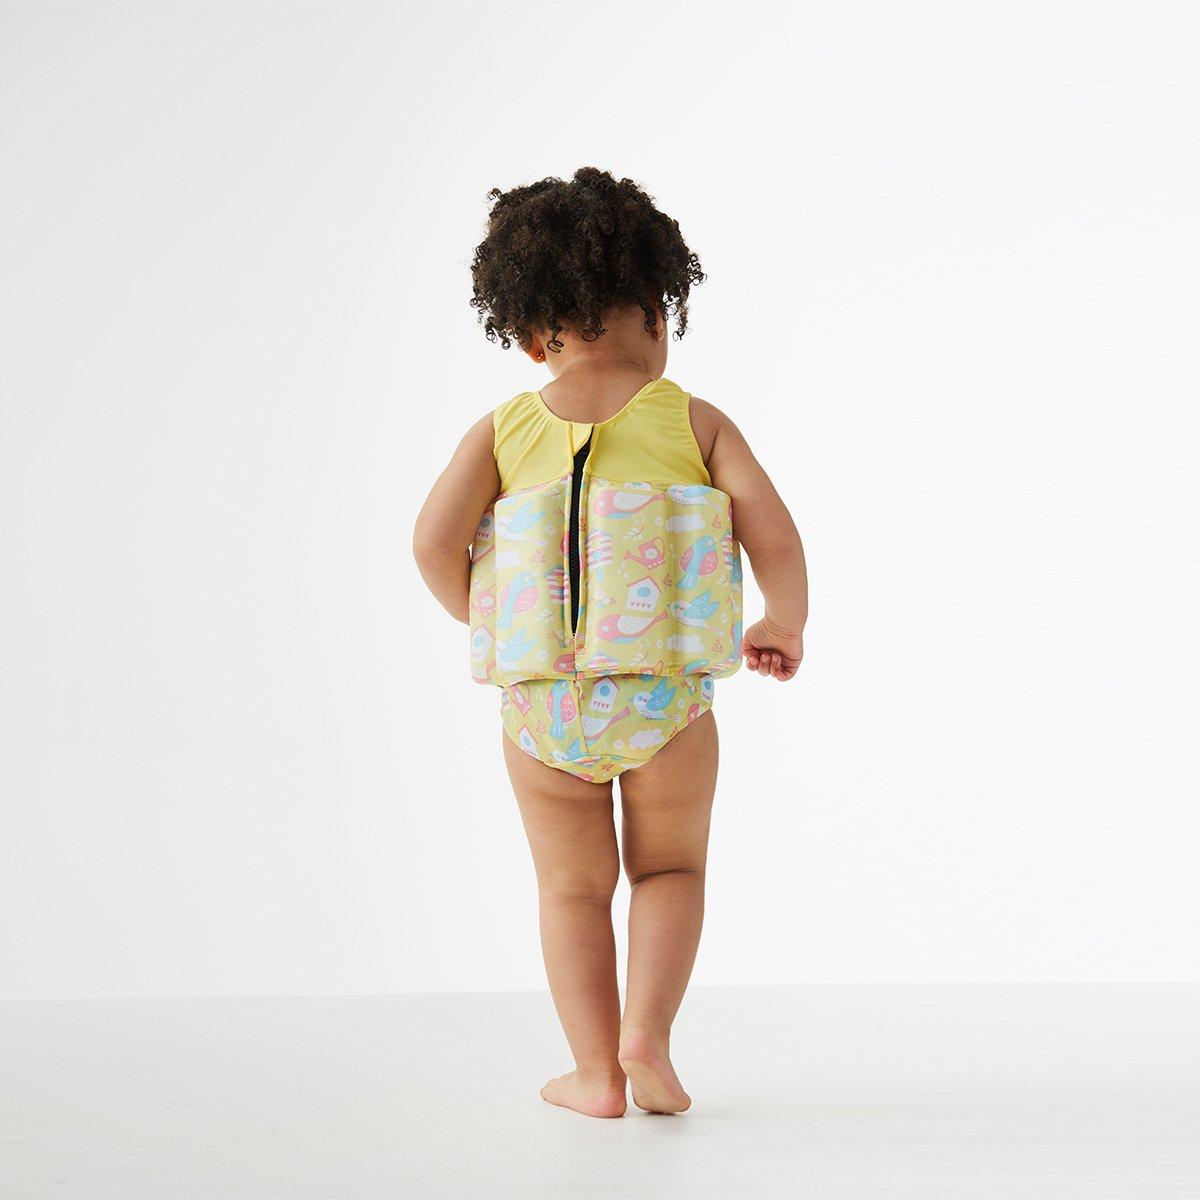 Splash About Kids Float Suit